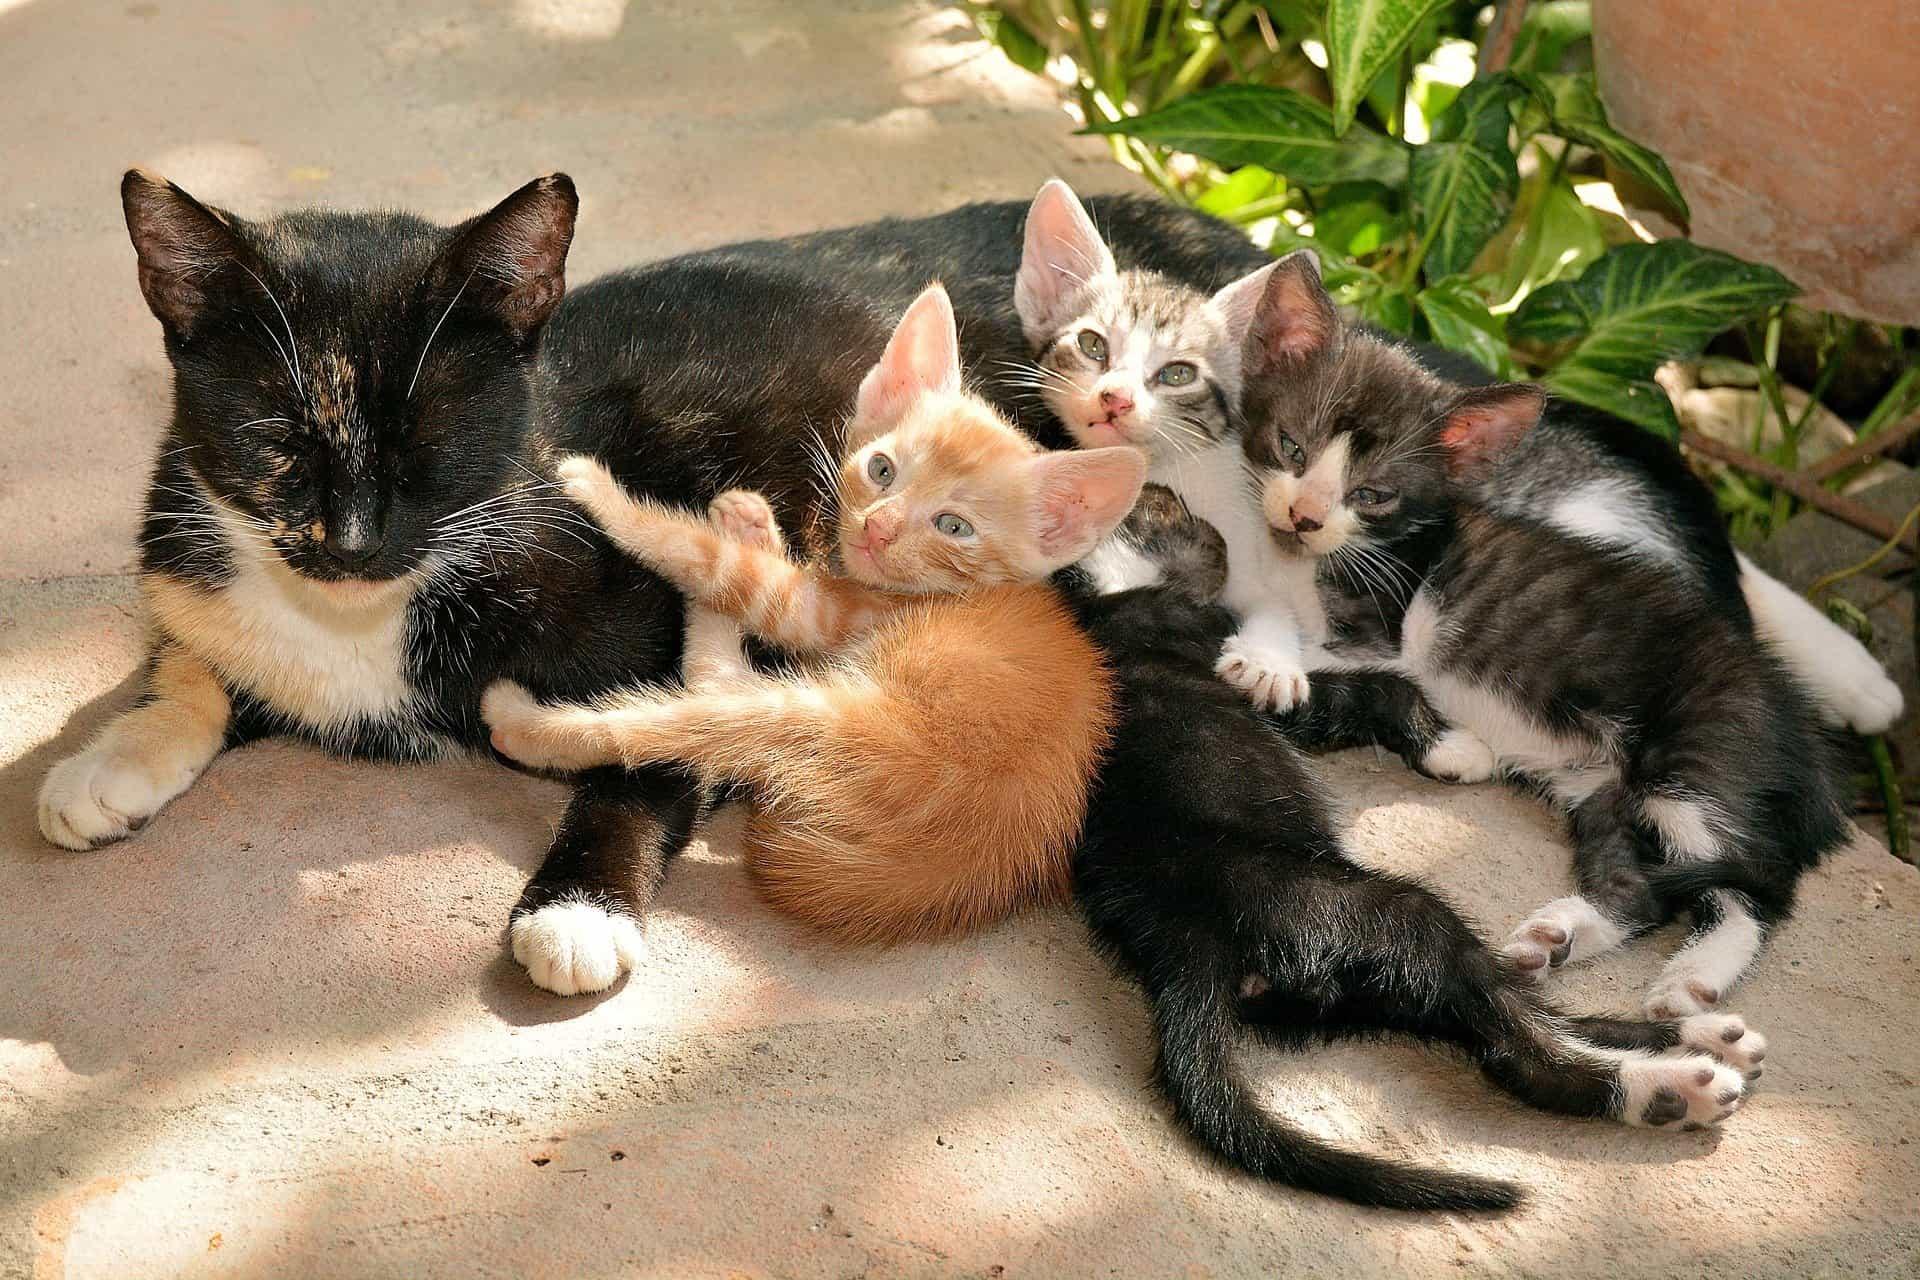 К чему снится кошка с котятами толкование по сонникам